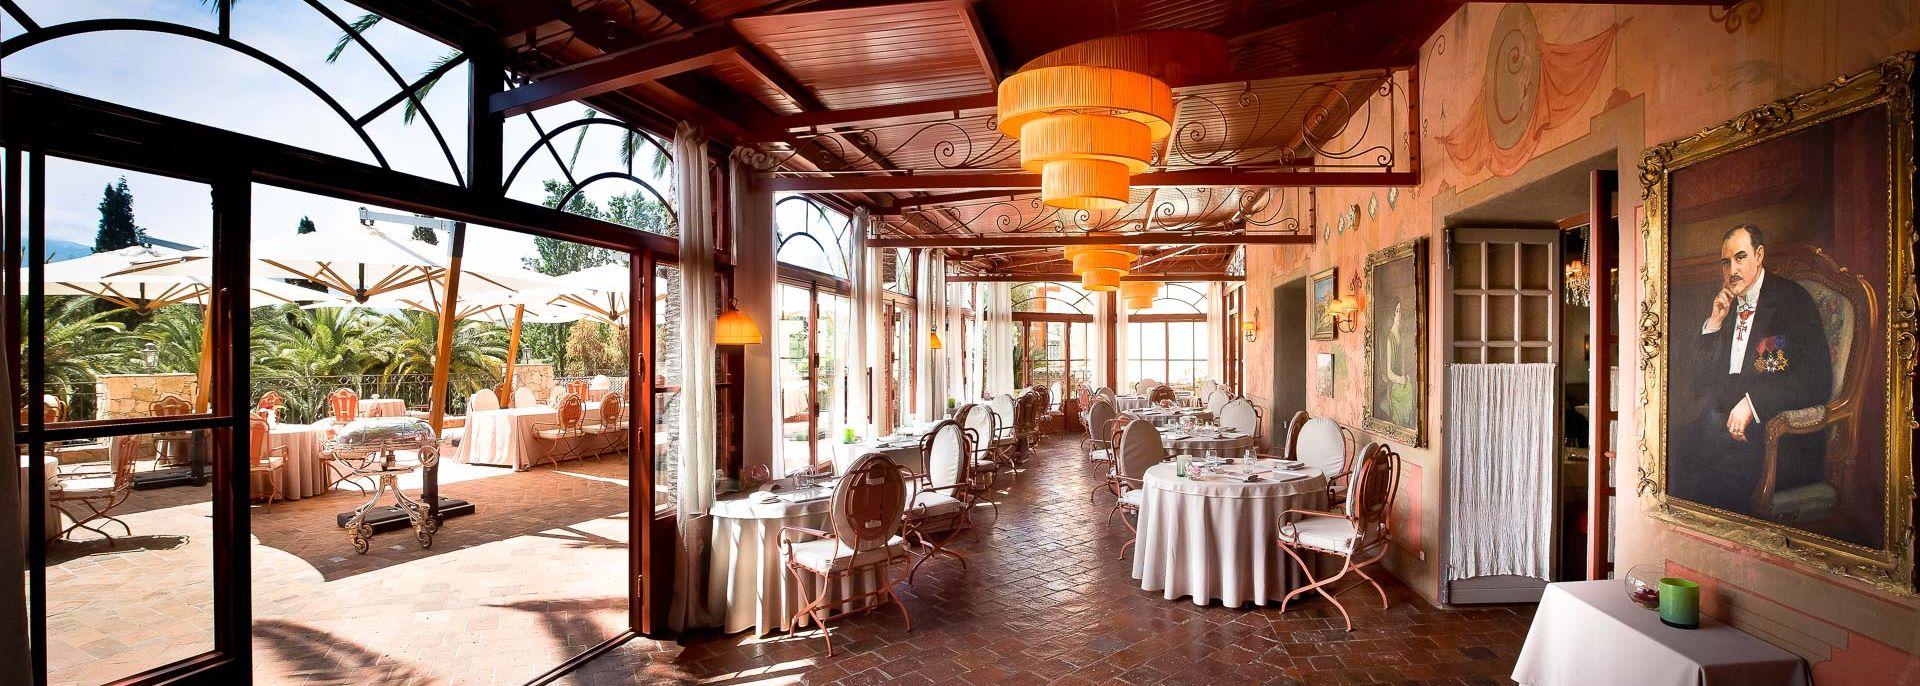 Meilleurs Restaurant  Ef Bf Bd Calvi